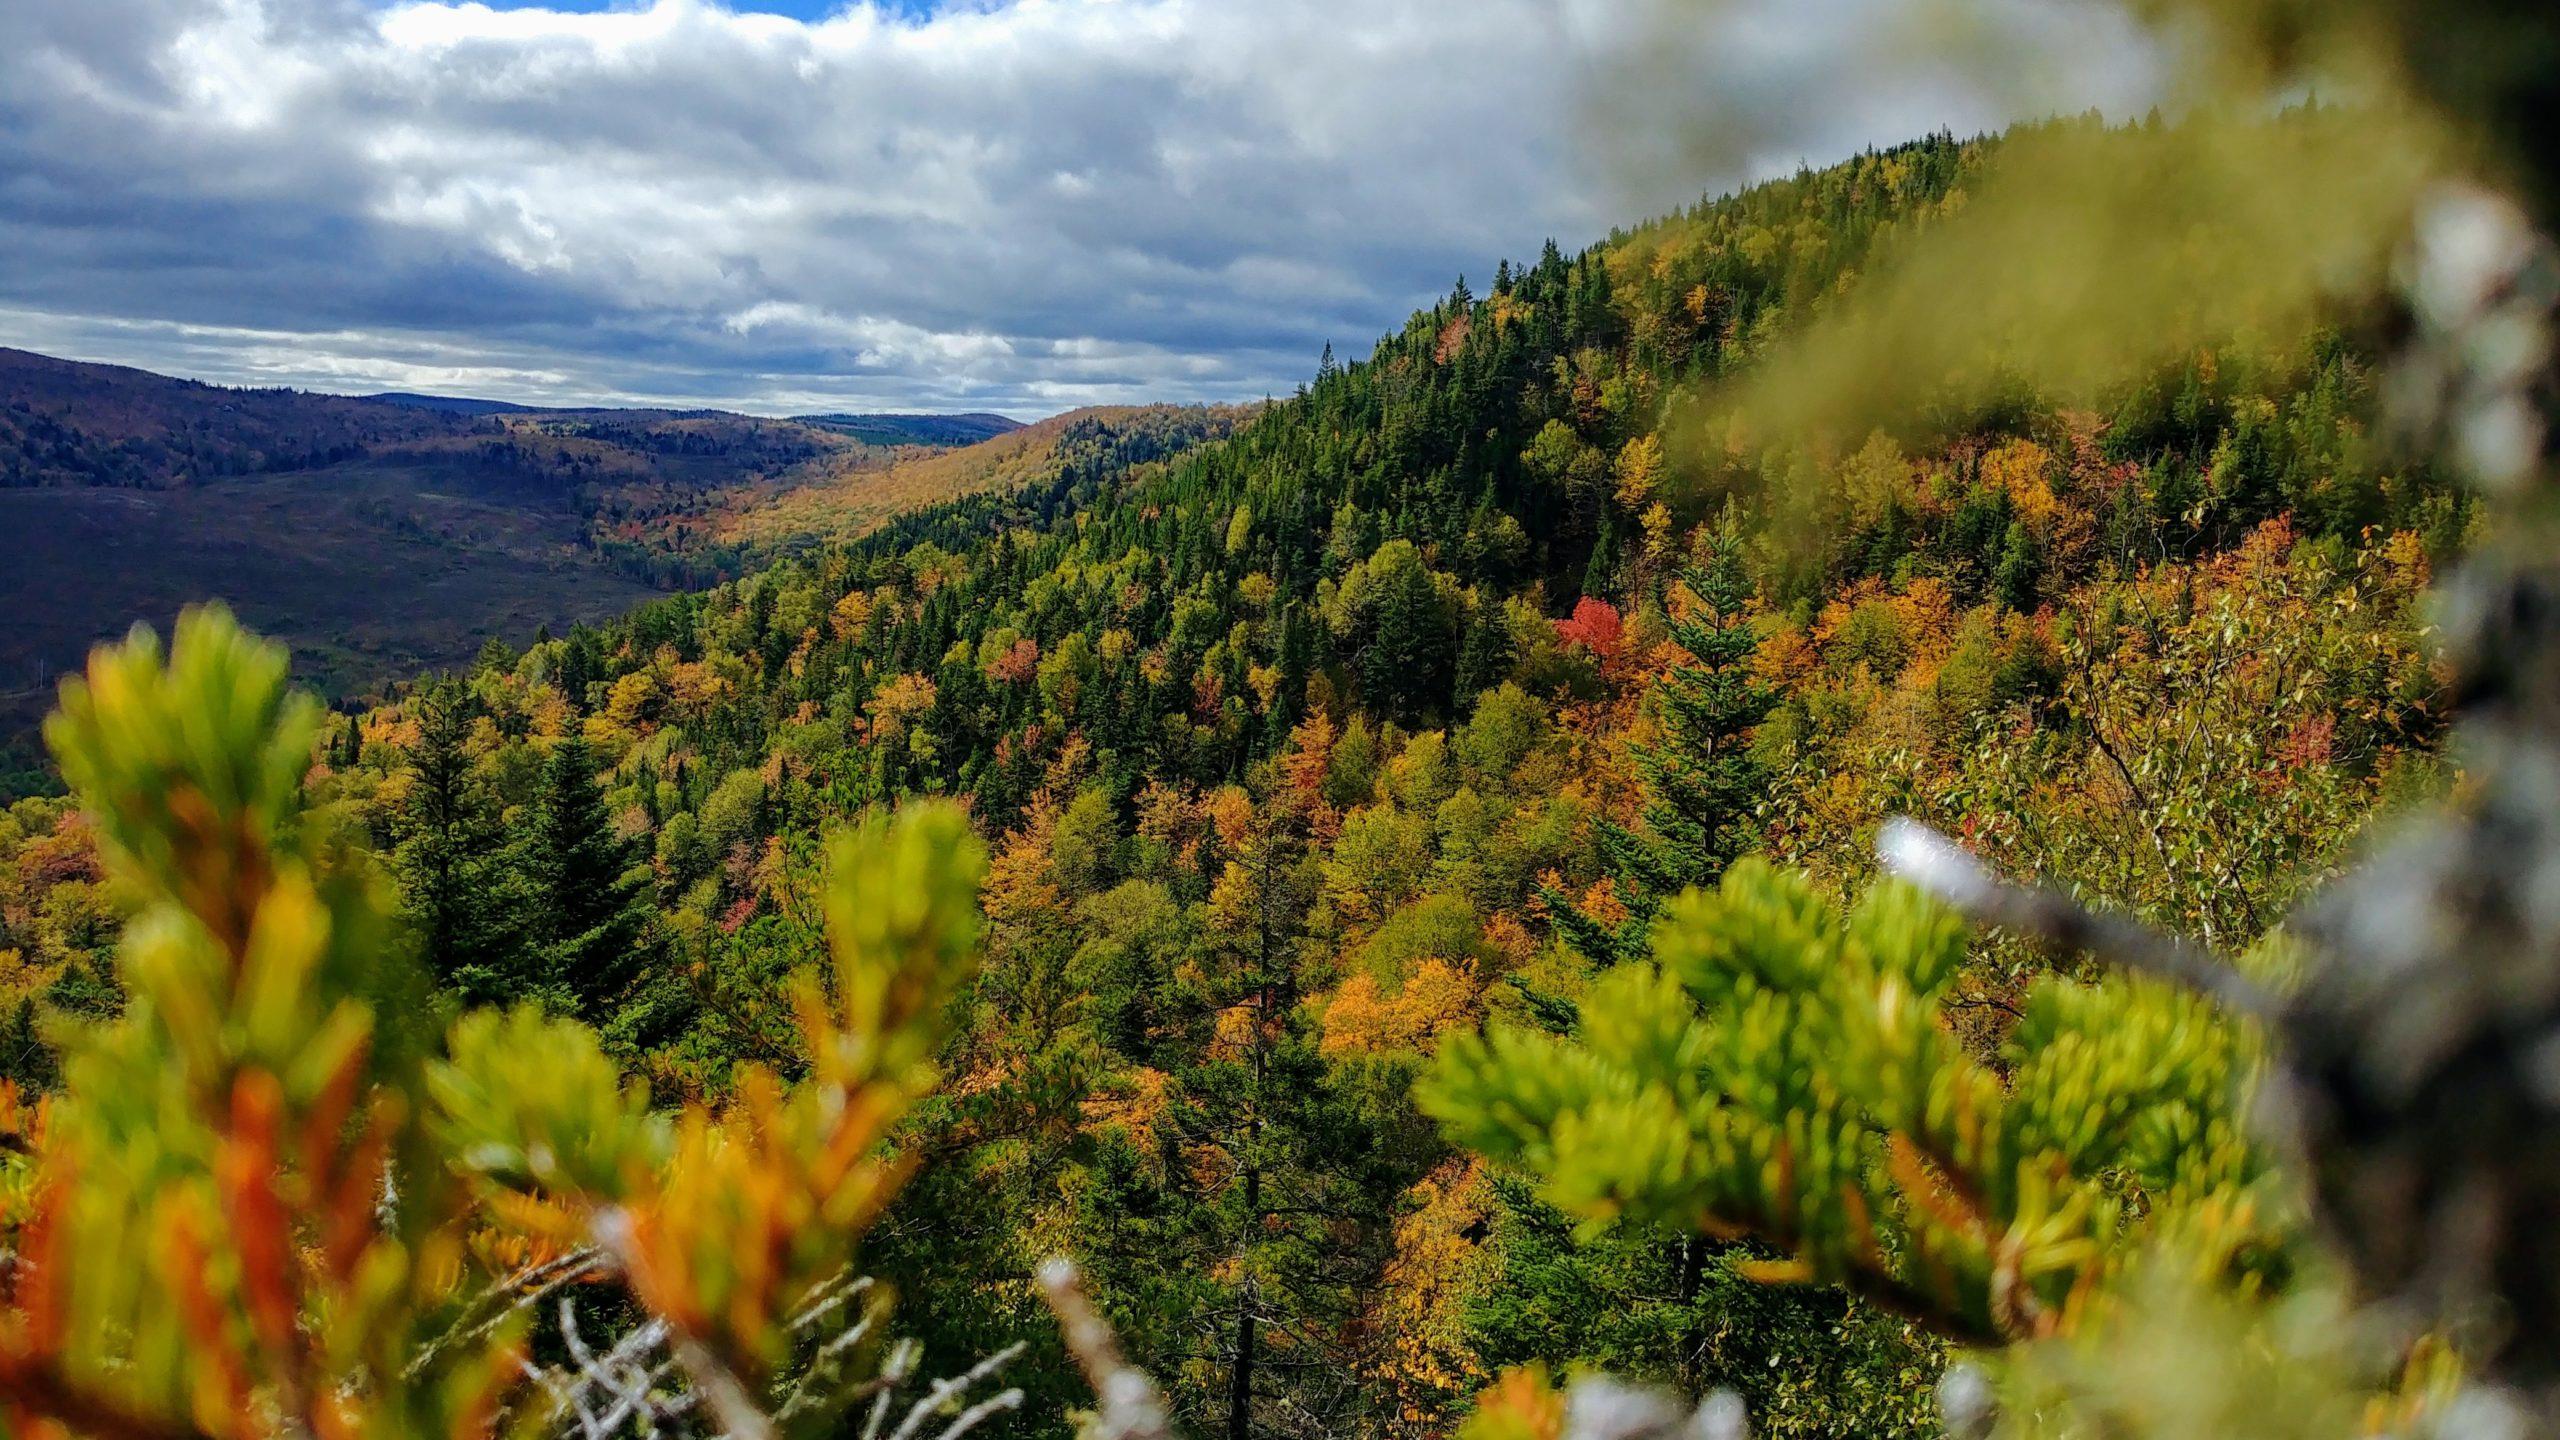 Sentiers randonnées automne Nouveau-Brunswick - Friar's Nose Sussex